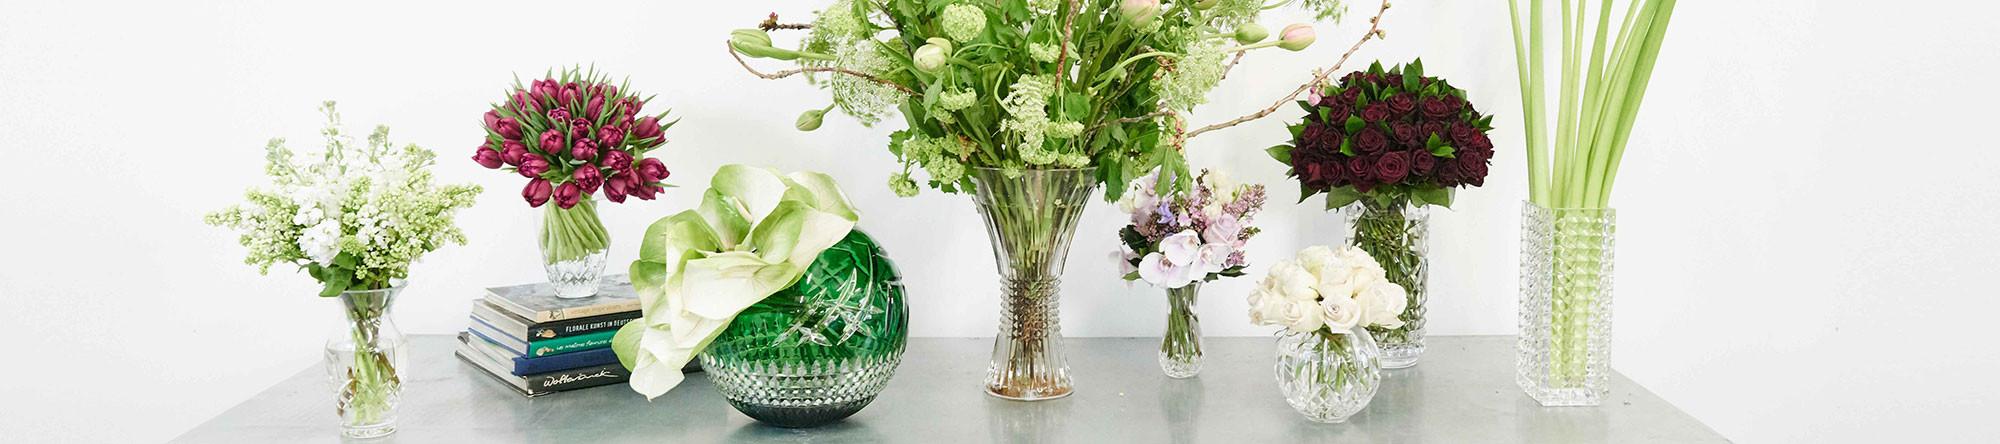 waterford pineapple vase of crystal vases glass flower vases waterforda crystal inside wf vases banner